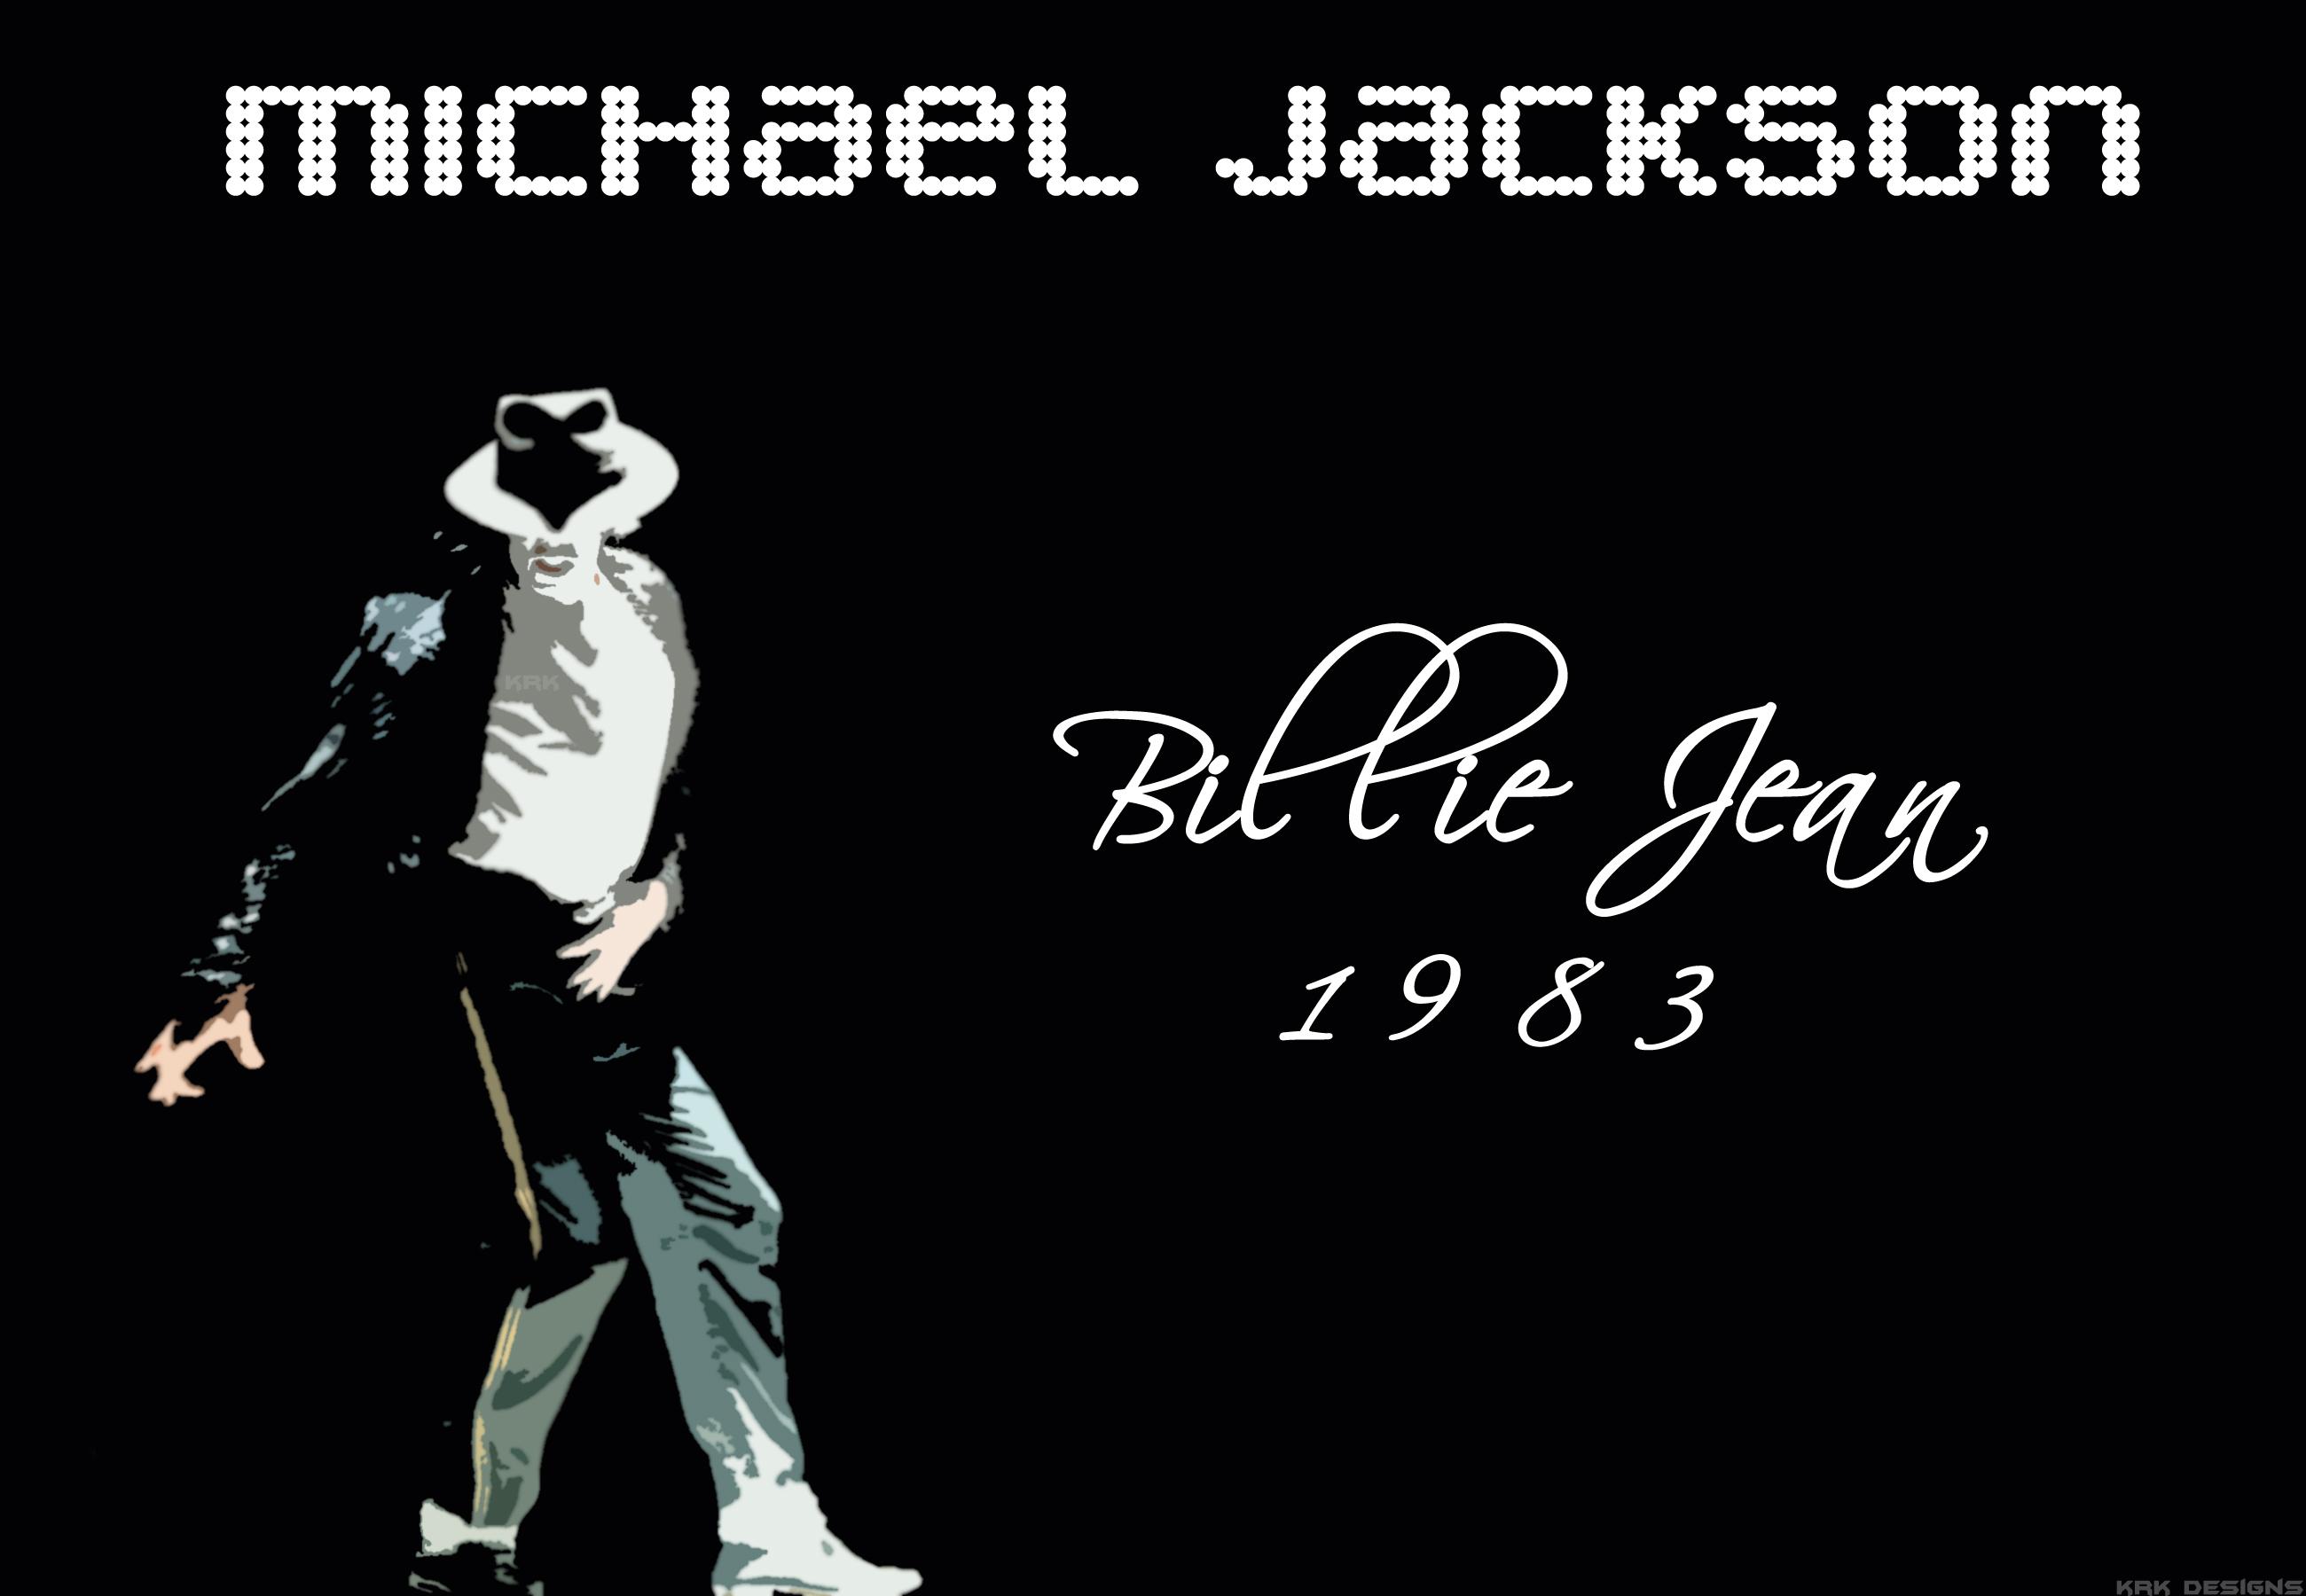 Michael Jackson - Billie Jean by krkdesigns